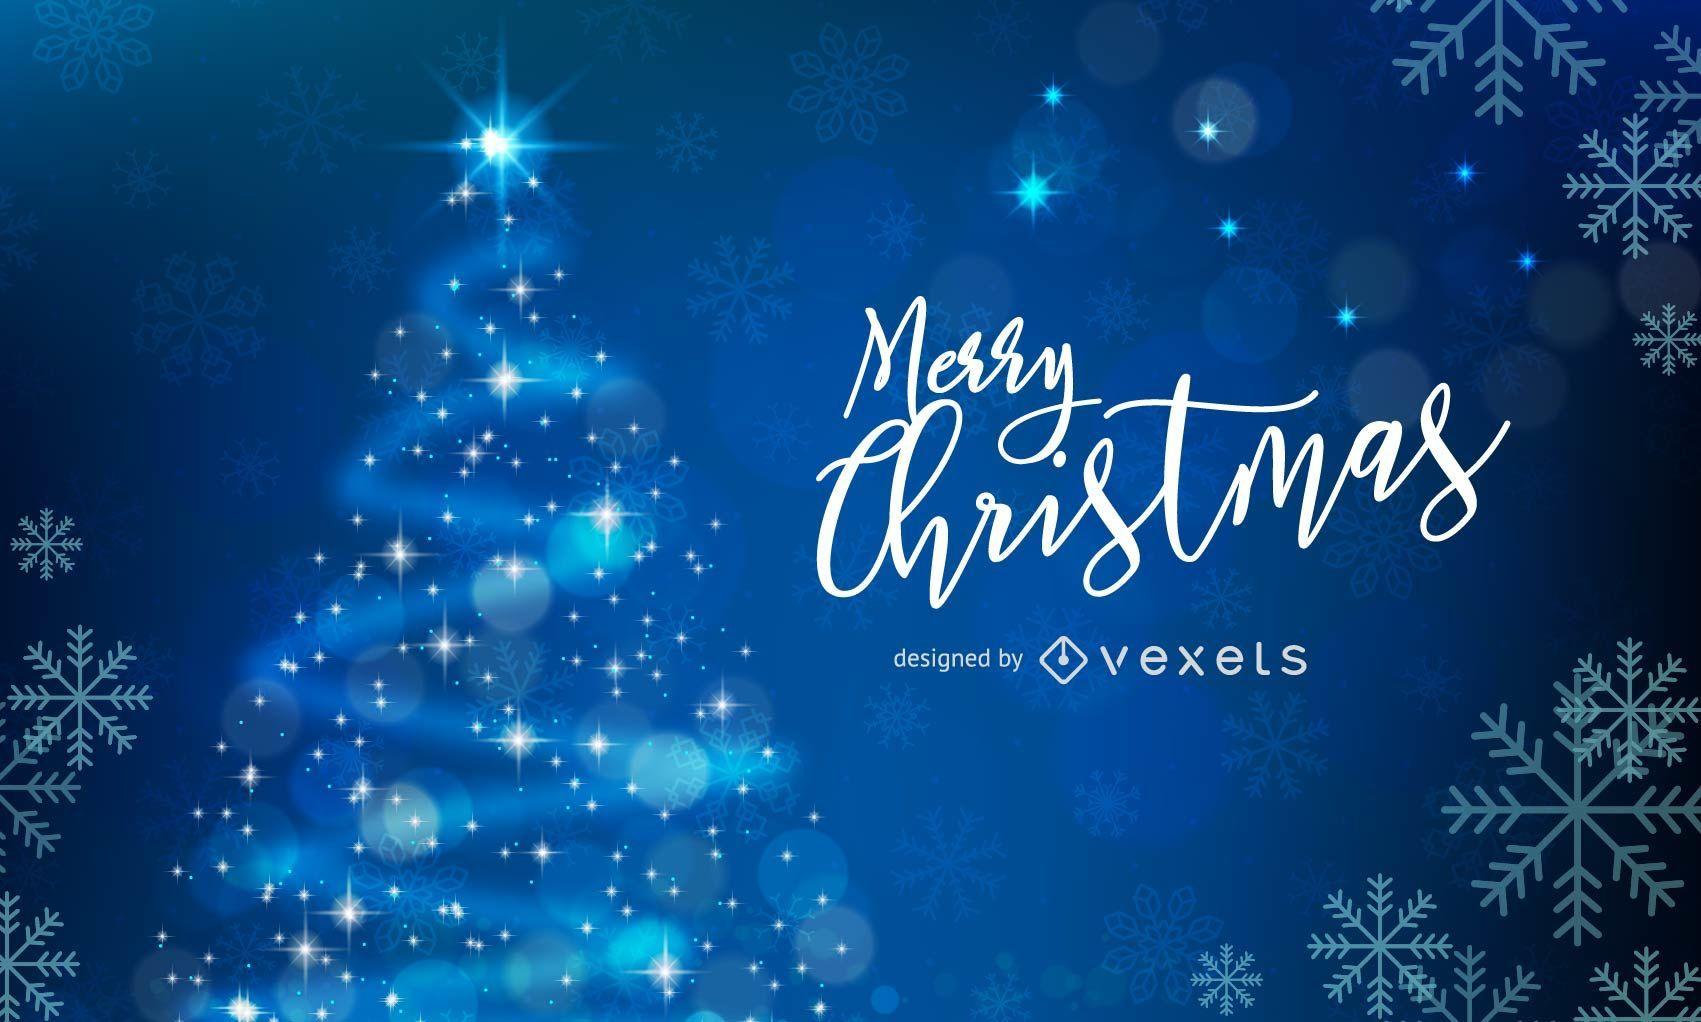 Weihnachten Wallpaper.Frohe Weihnachten Wallpaper Vektor Download